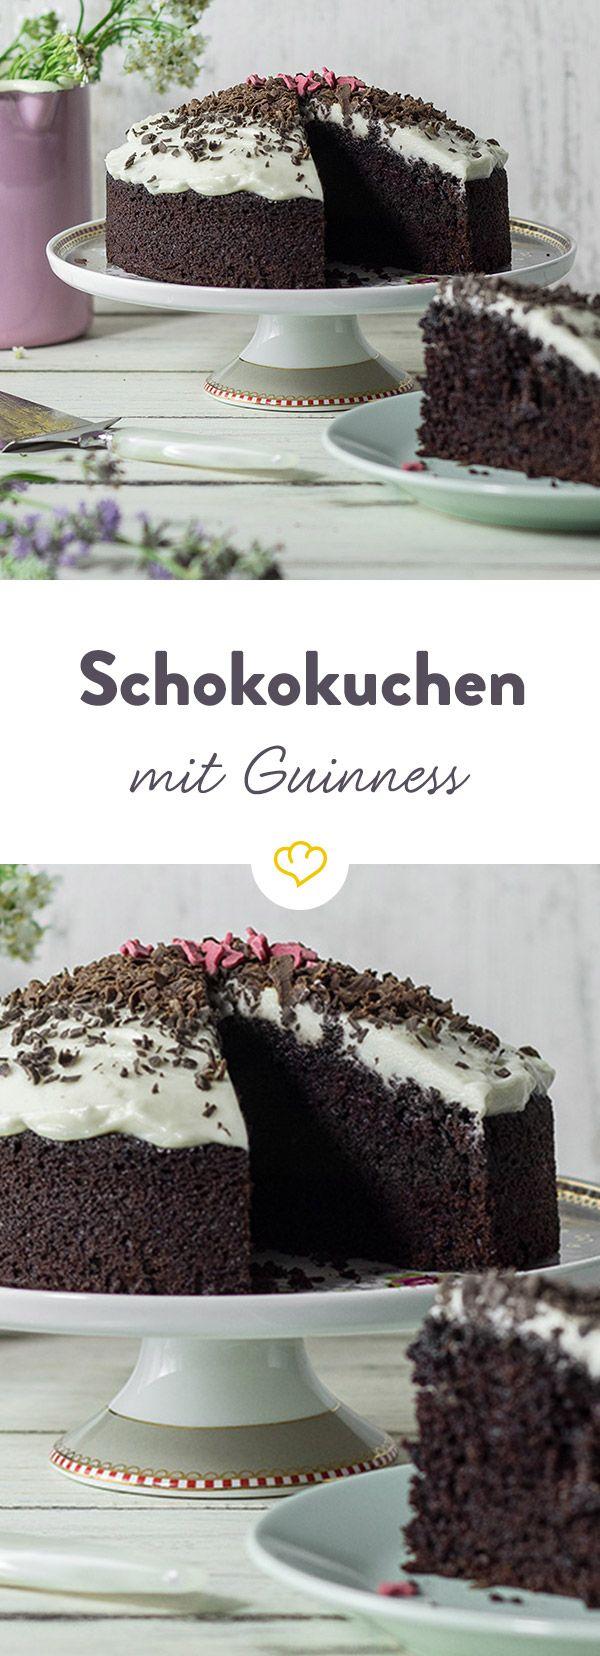 Das dunkle Guinness sorgt für einen leicht malzigen Geschmack und macht den Kuchen unglaublich saftig. Nicht nur für Bier-Liebhaber ein echter Geheimtipp!